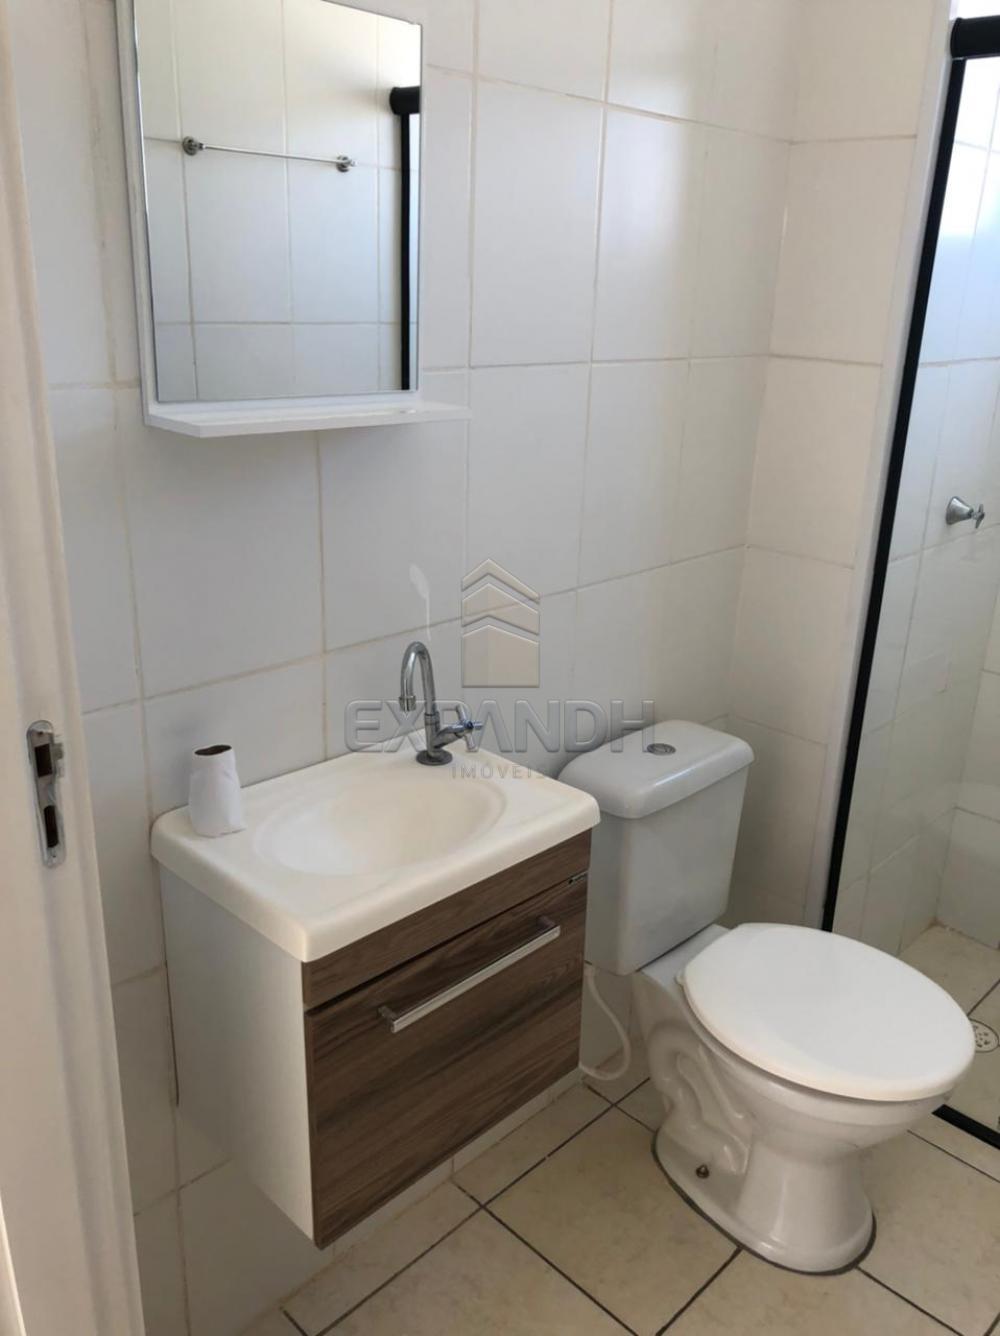 Alugar Apartamentos / Padrão em Sertãozinho R$ 780,00 - Foto 7